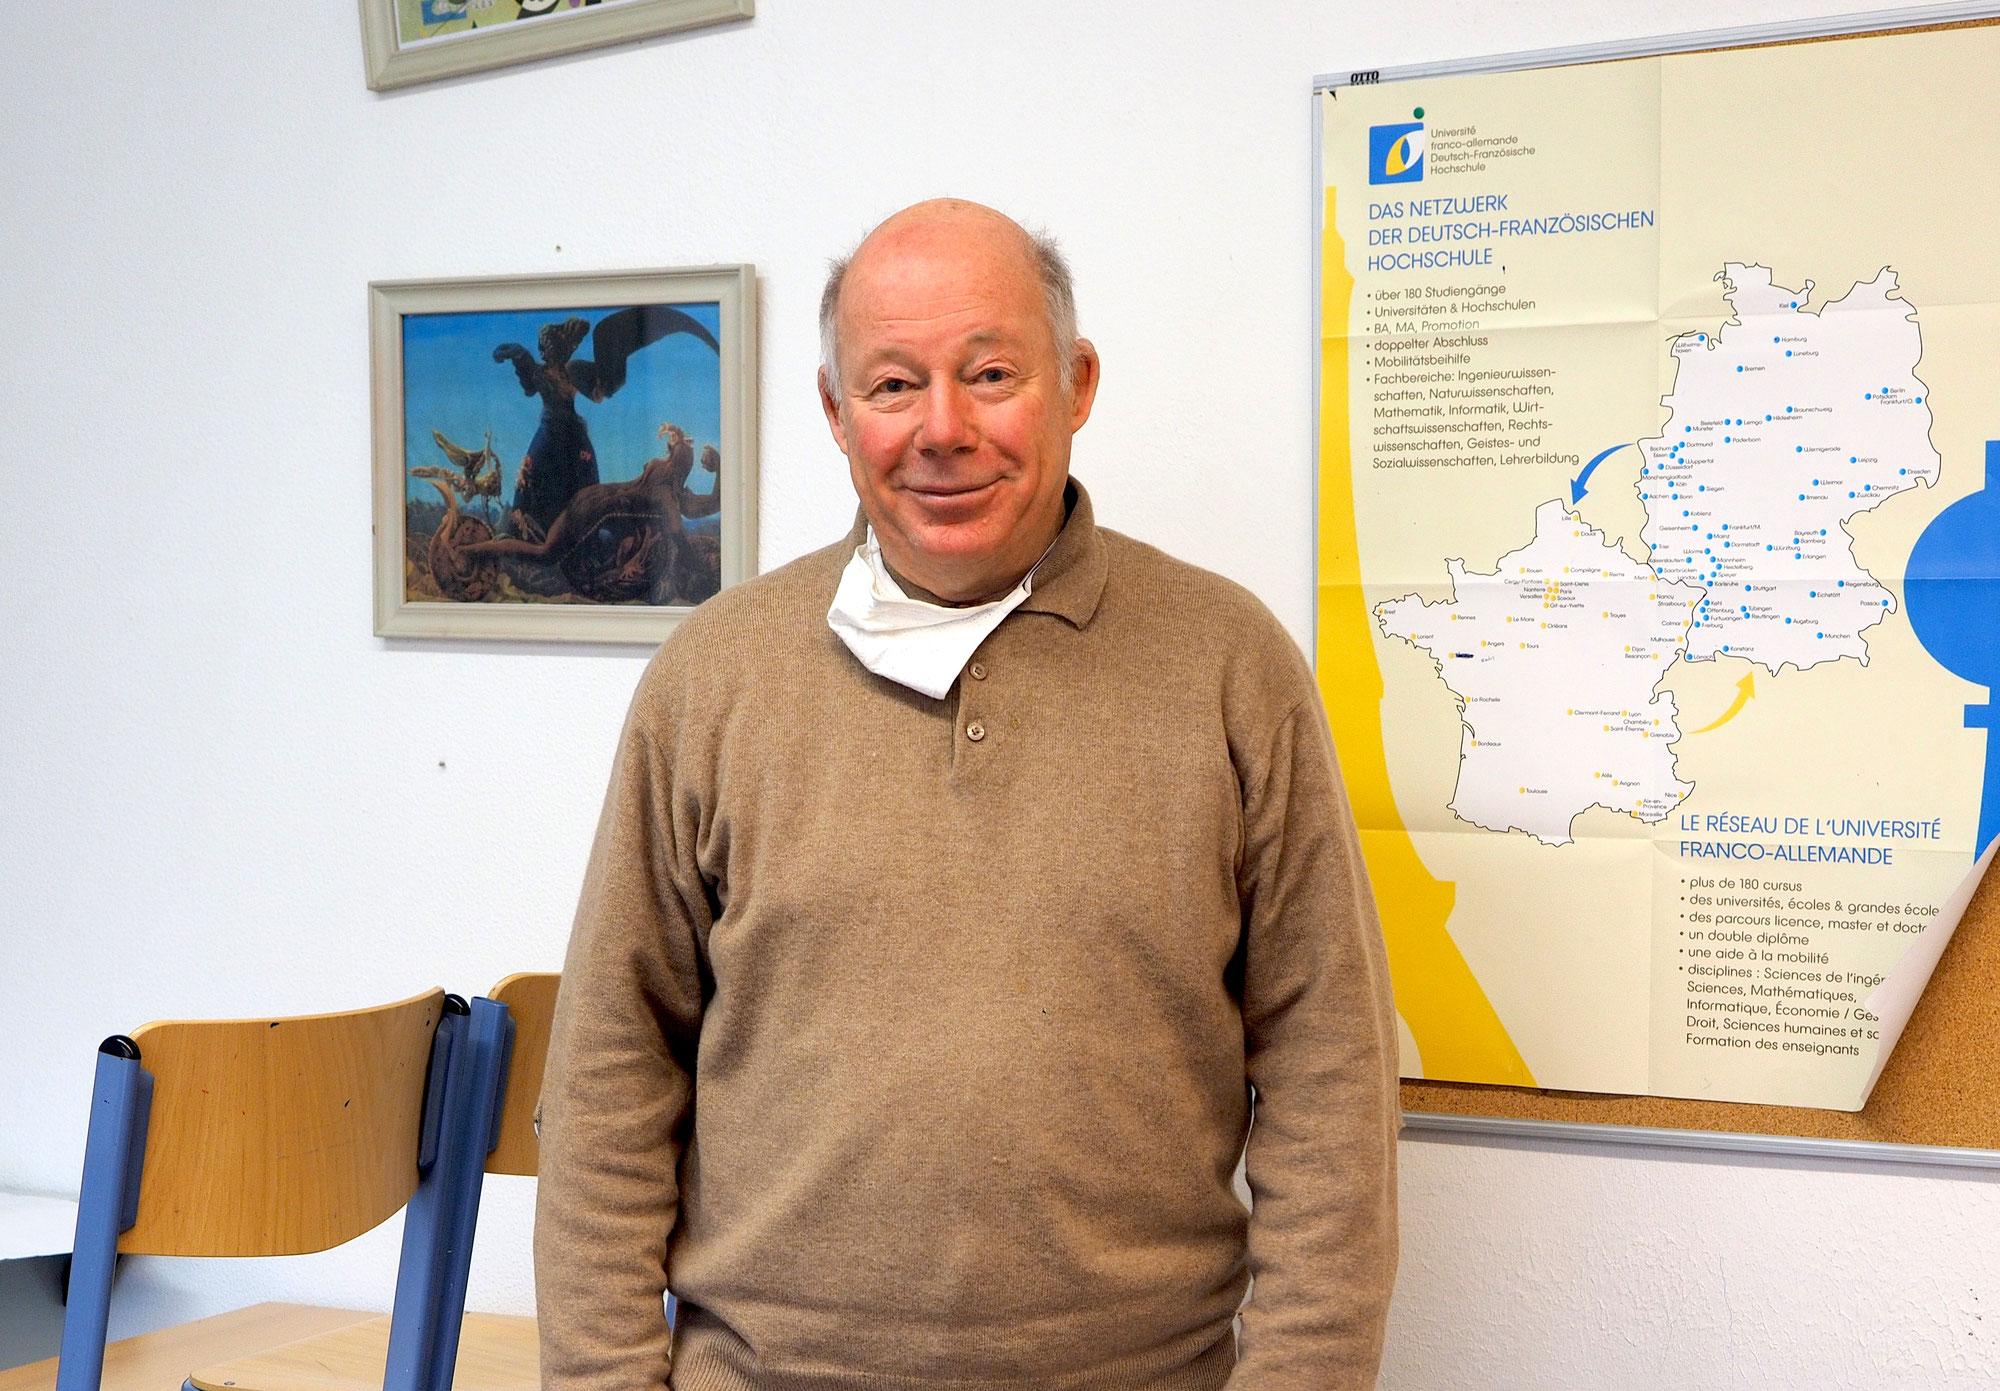 Kulturvermittler aus Leidenschaft: Der Australier John Griffith unterrichtet auch mit 71 noch an einem internationalen Gymnasium in Hamburg